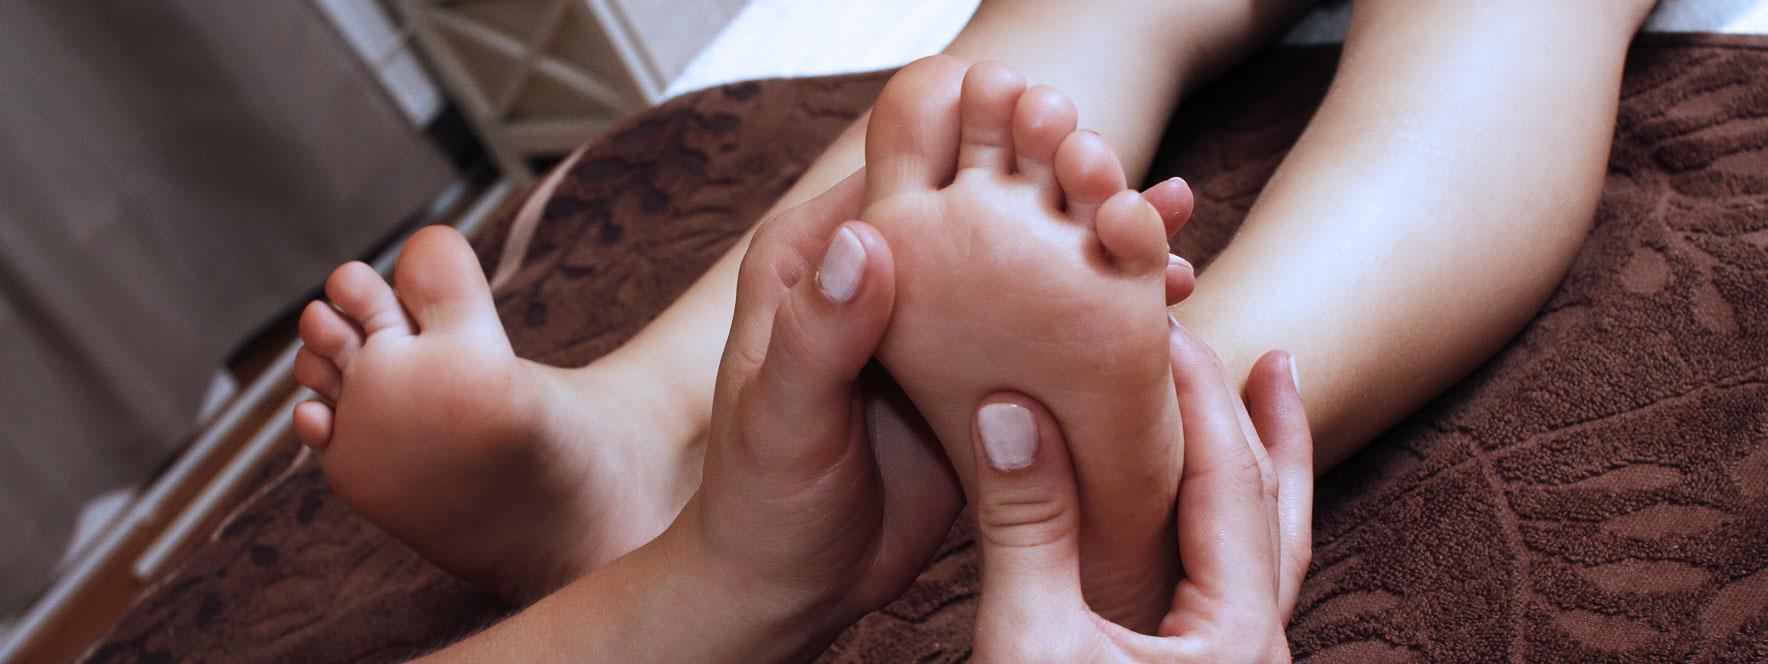 Un enfant reçoit un soin en massothérapie